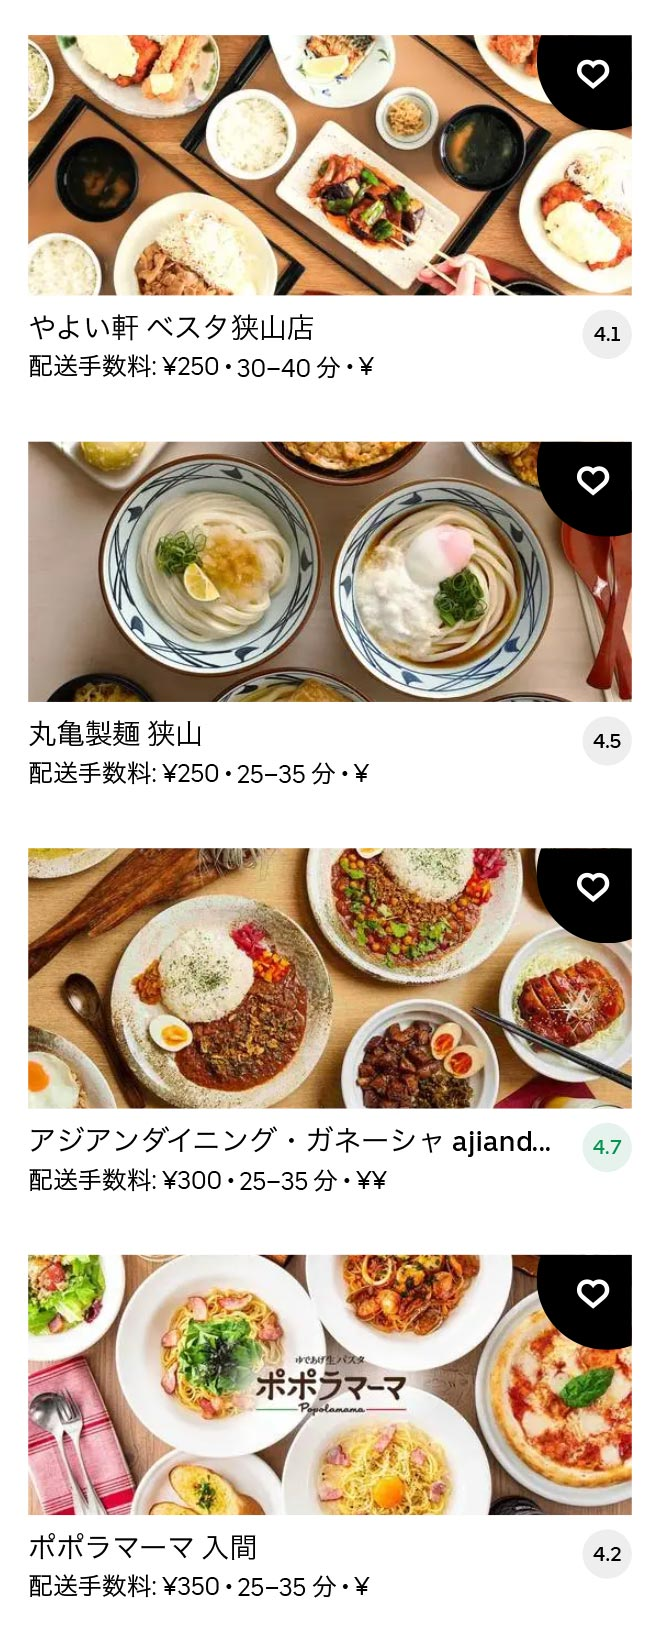 Sayama menu 2102 05